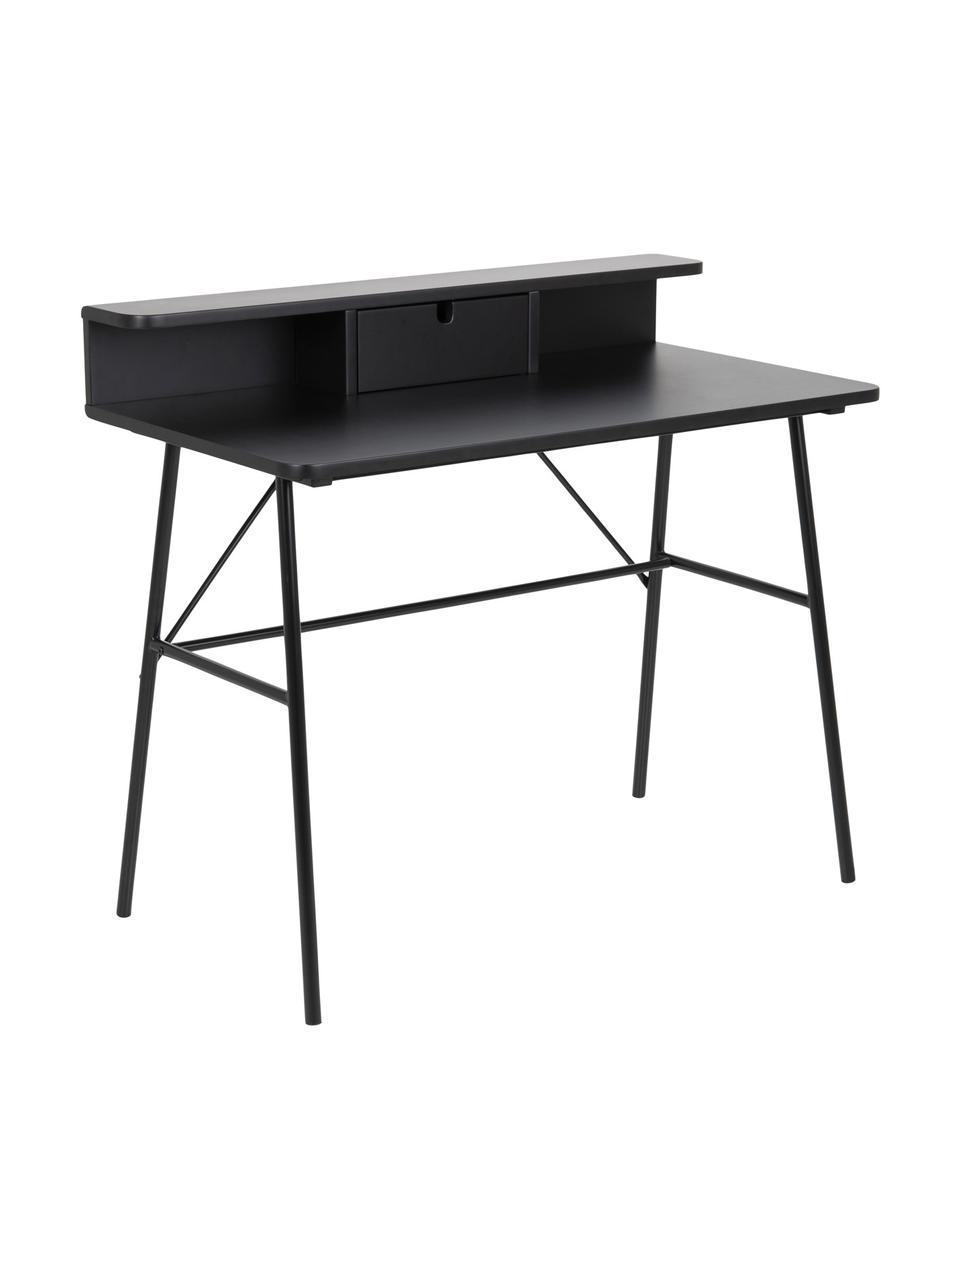 Biurko z szufladą Pascal, Nogi: metal lakierowany, Czarny, S 100 x W 55 cm